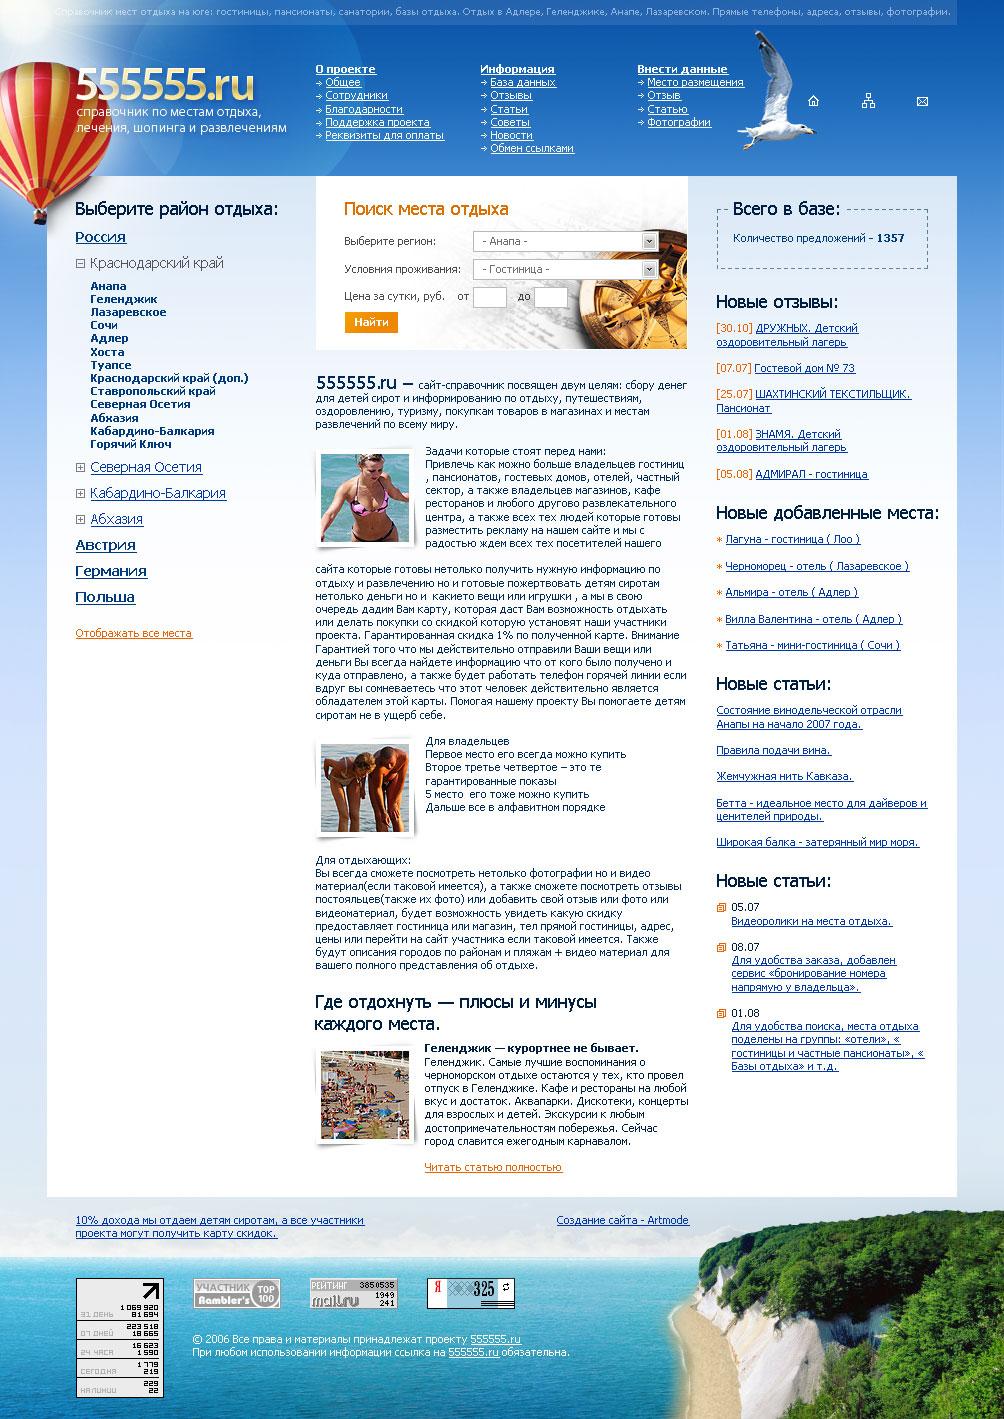 Сайт справочника по местам отдыха